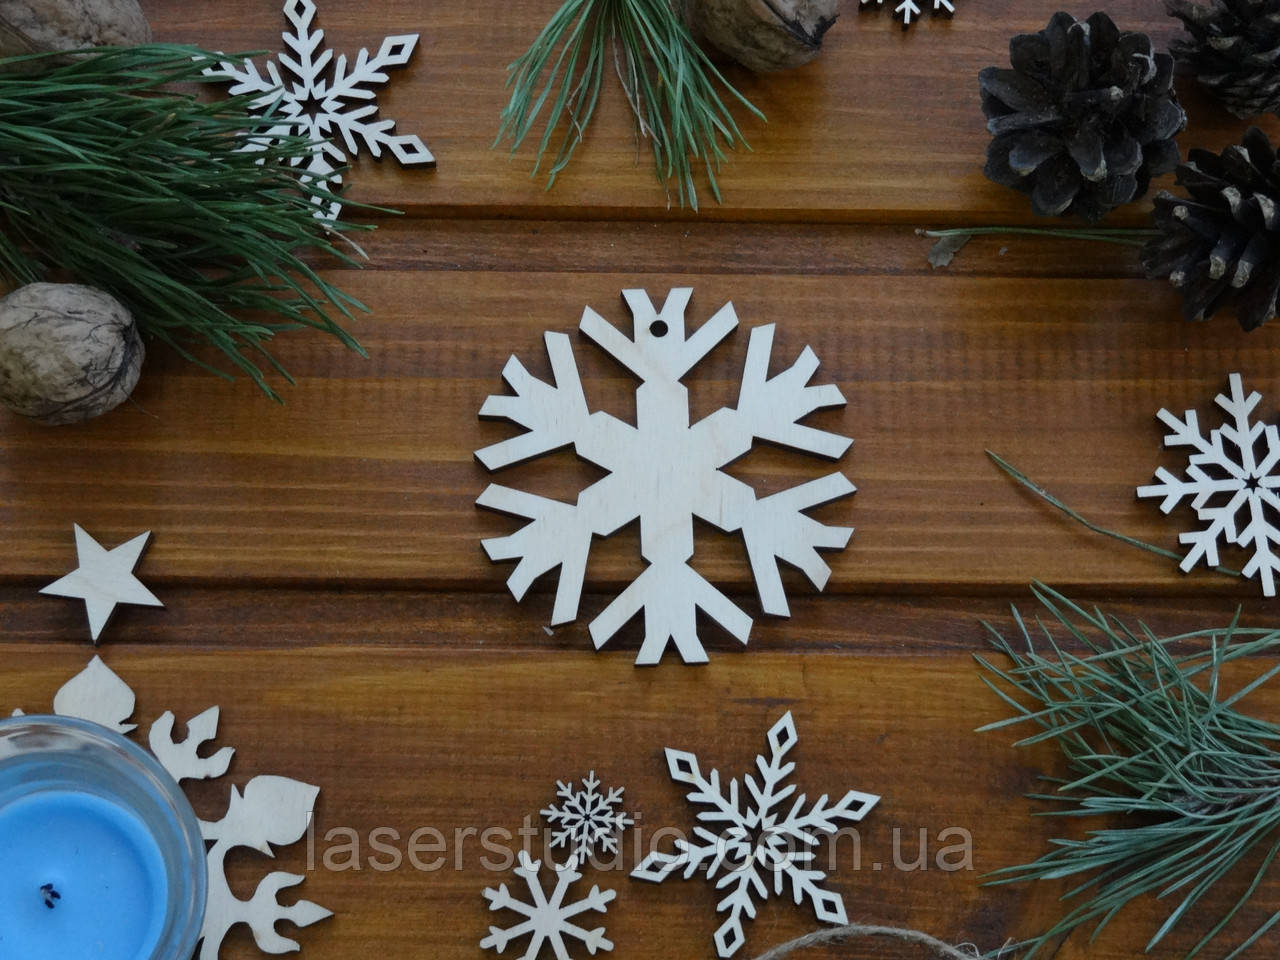 Деревянная елочная игрушка Снежинка №17